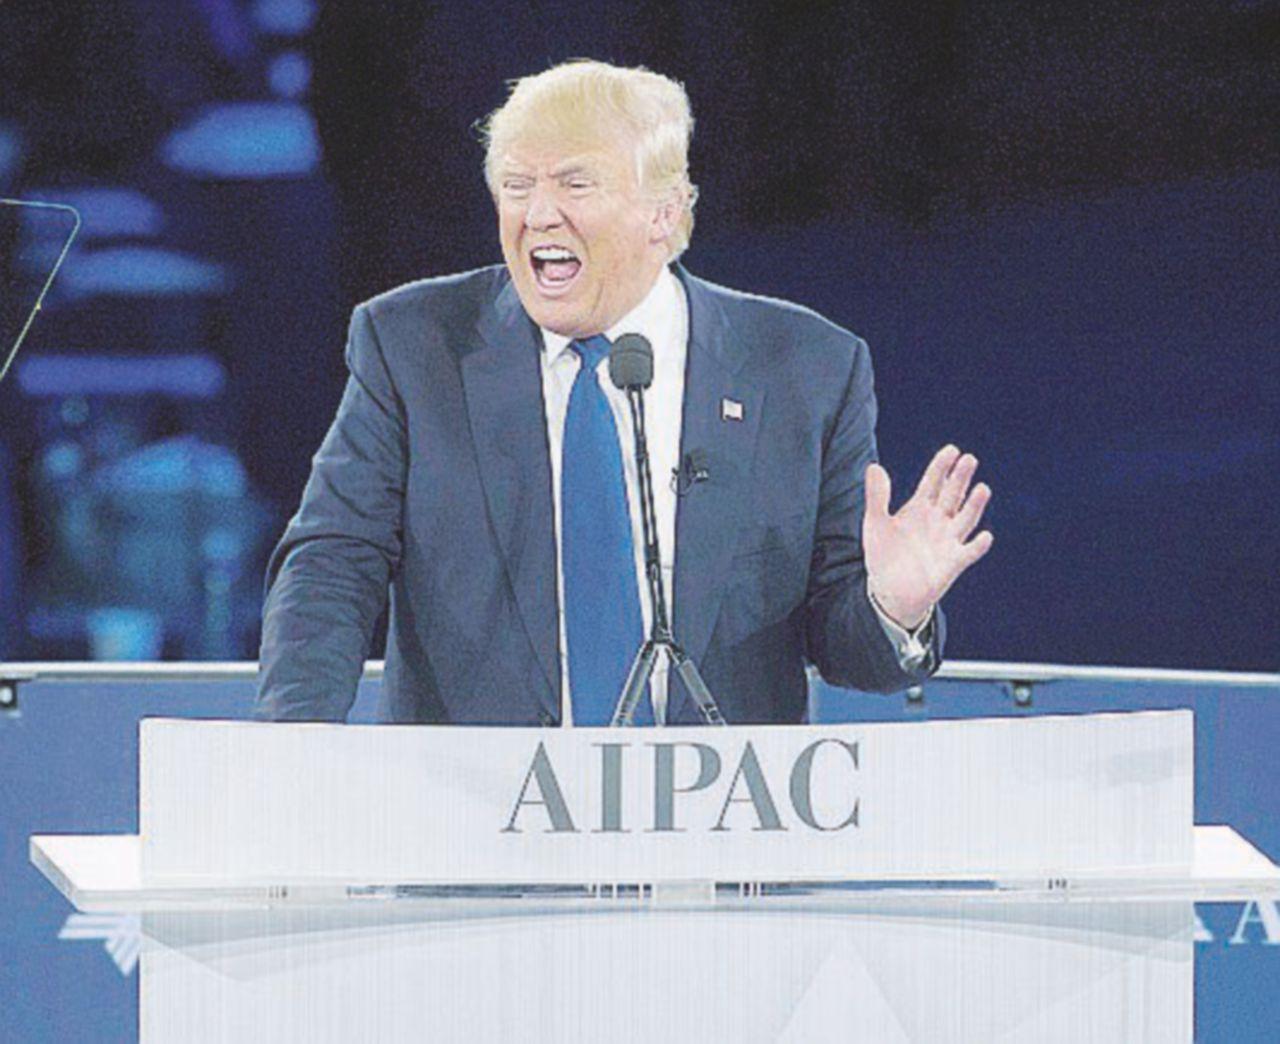 Il Medio Oriente secondo Donald: vicino a Israele, ma faccia da solo